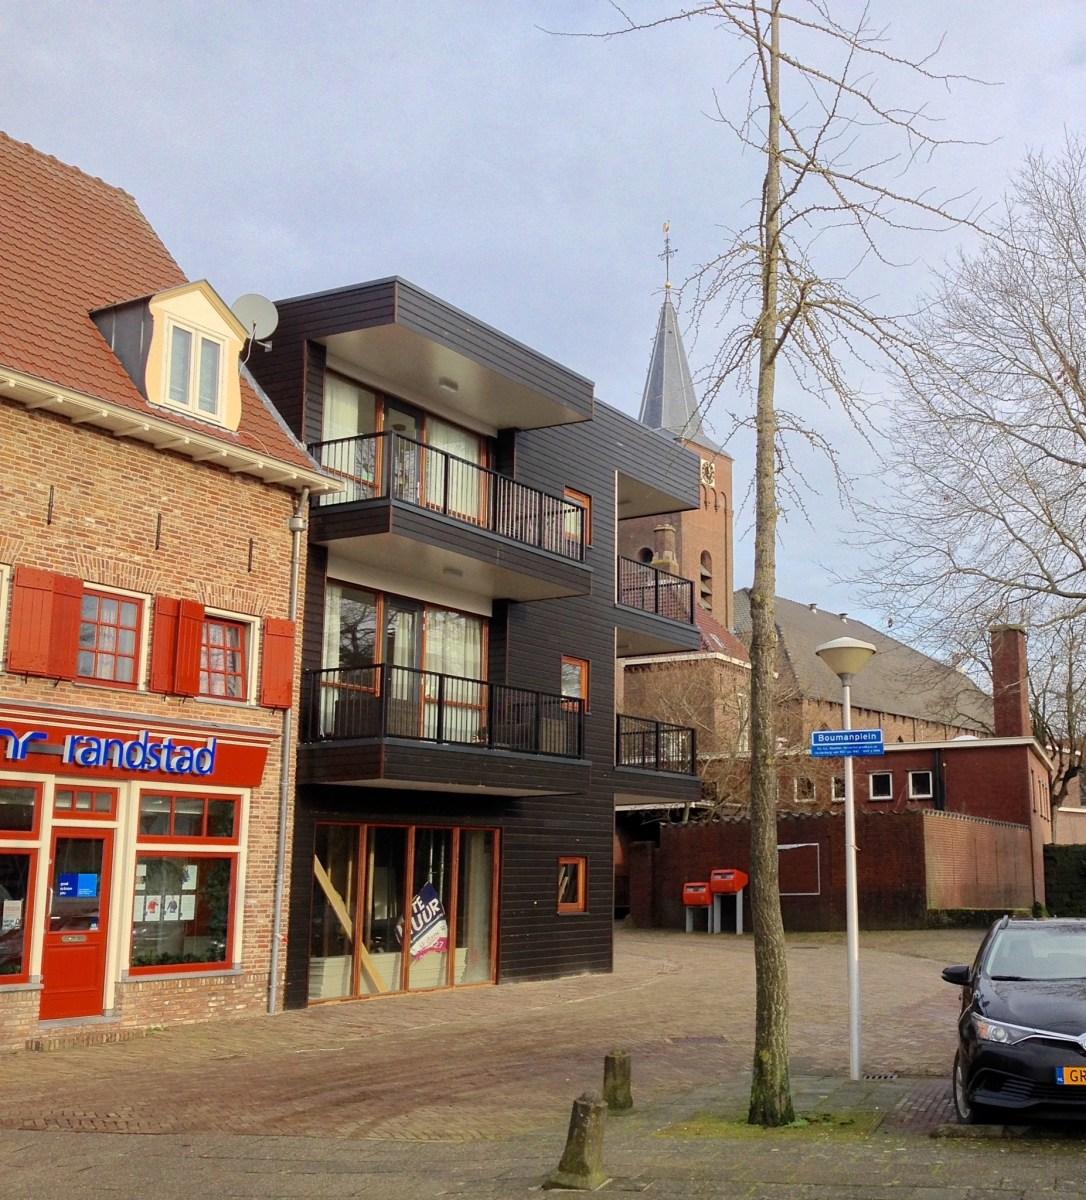 historische omgeving boumanplein hardenberg